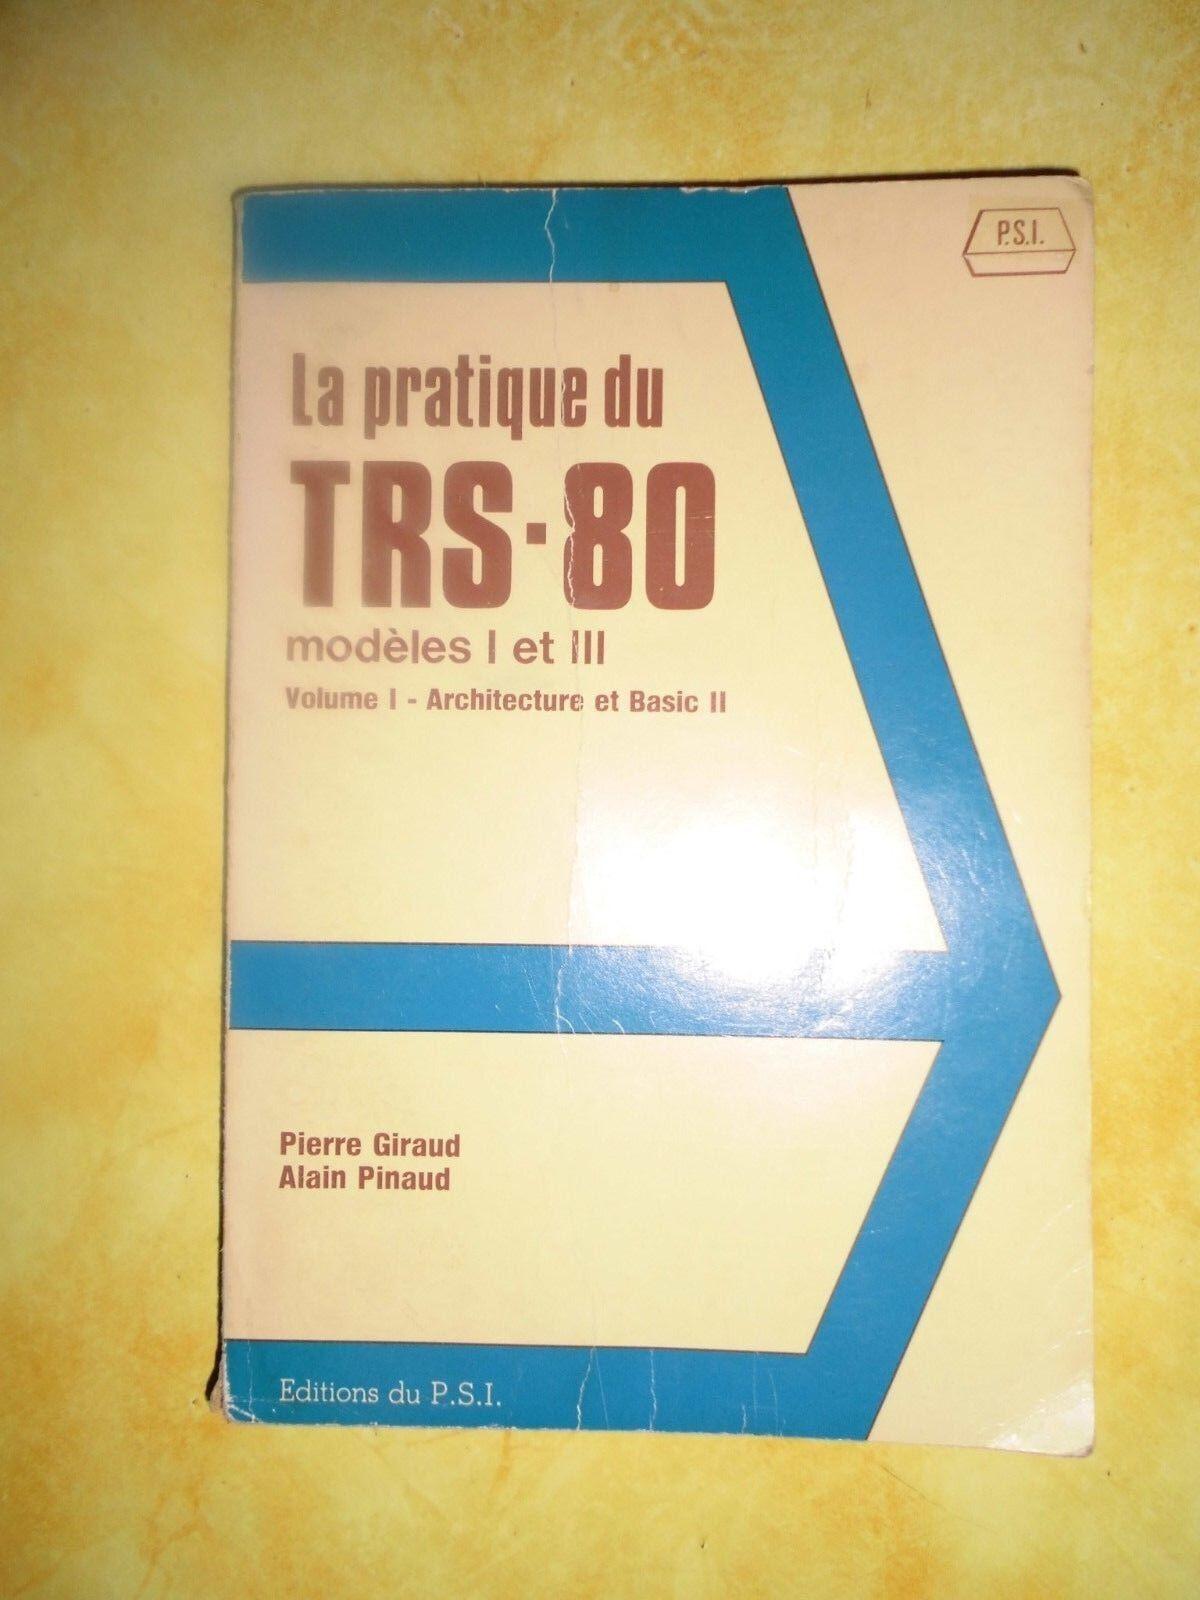 La pratique du TRS-80 (modèles I et III) vol. 1 Architecture et Basic II